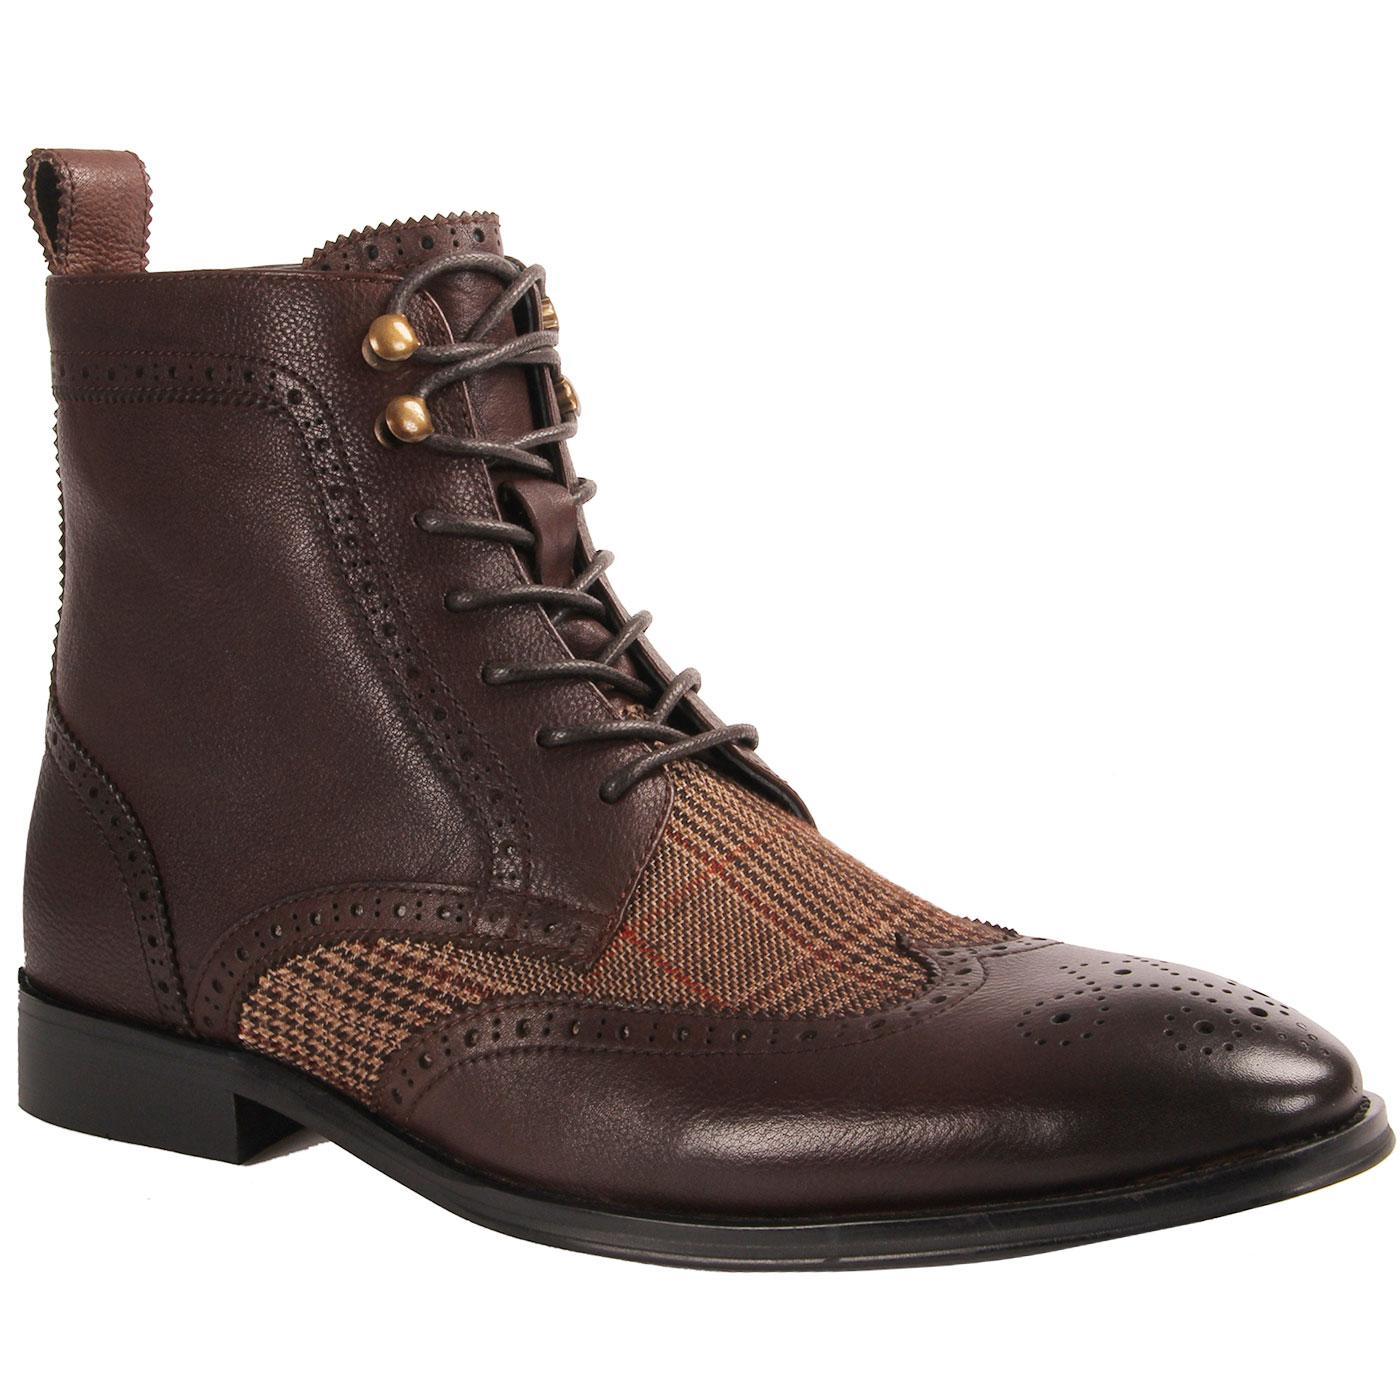 Ebenezer PAOLO VANDINI Mod POW Check Brogue Boots